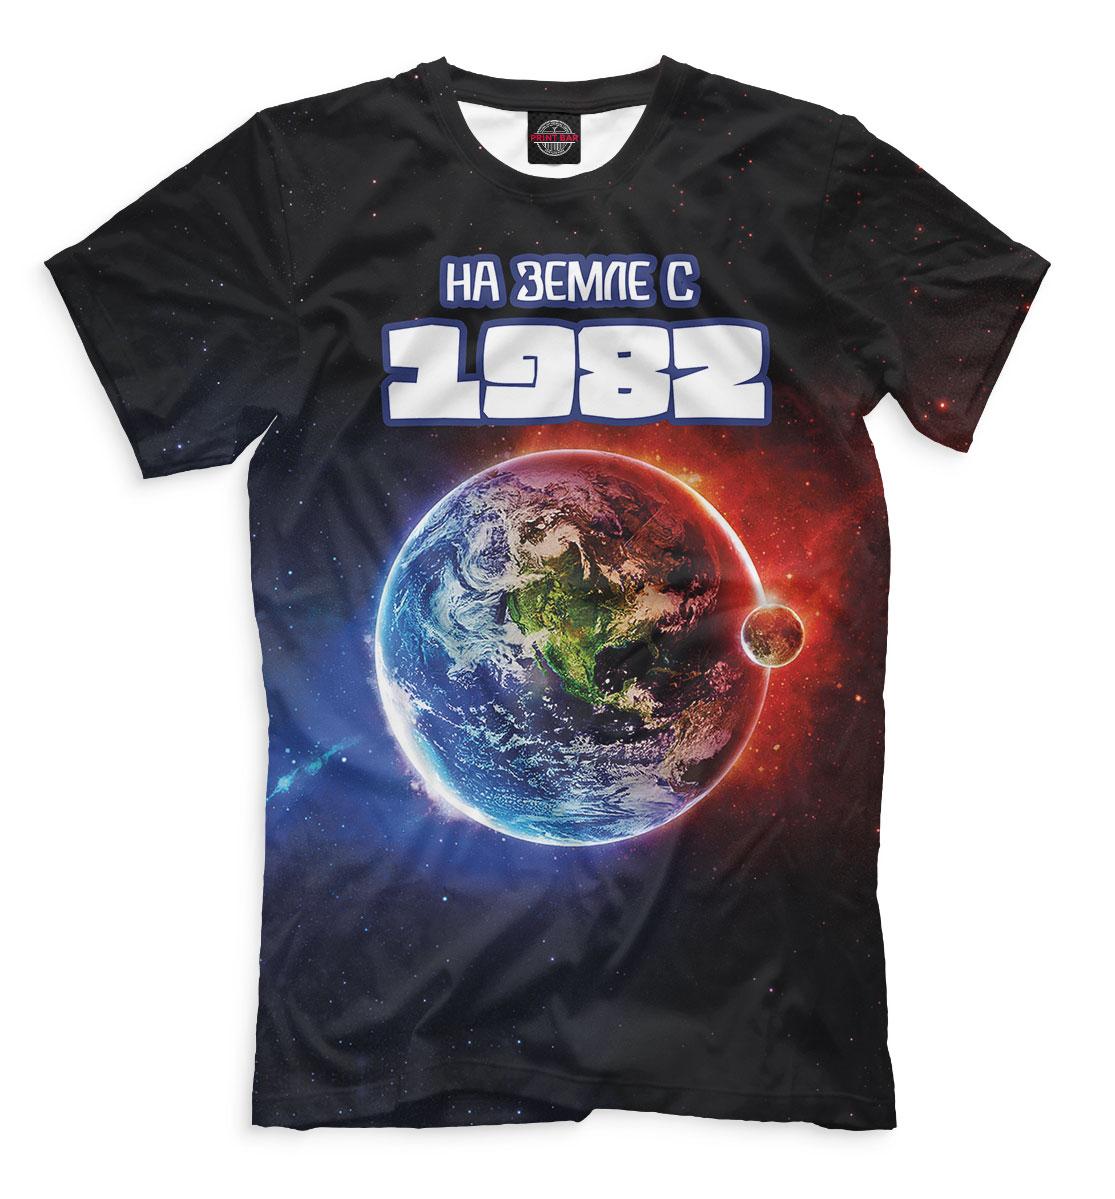 Купить На Земле с 1982, Printbar, Футболки, DVD-986196-fut-2